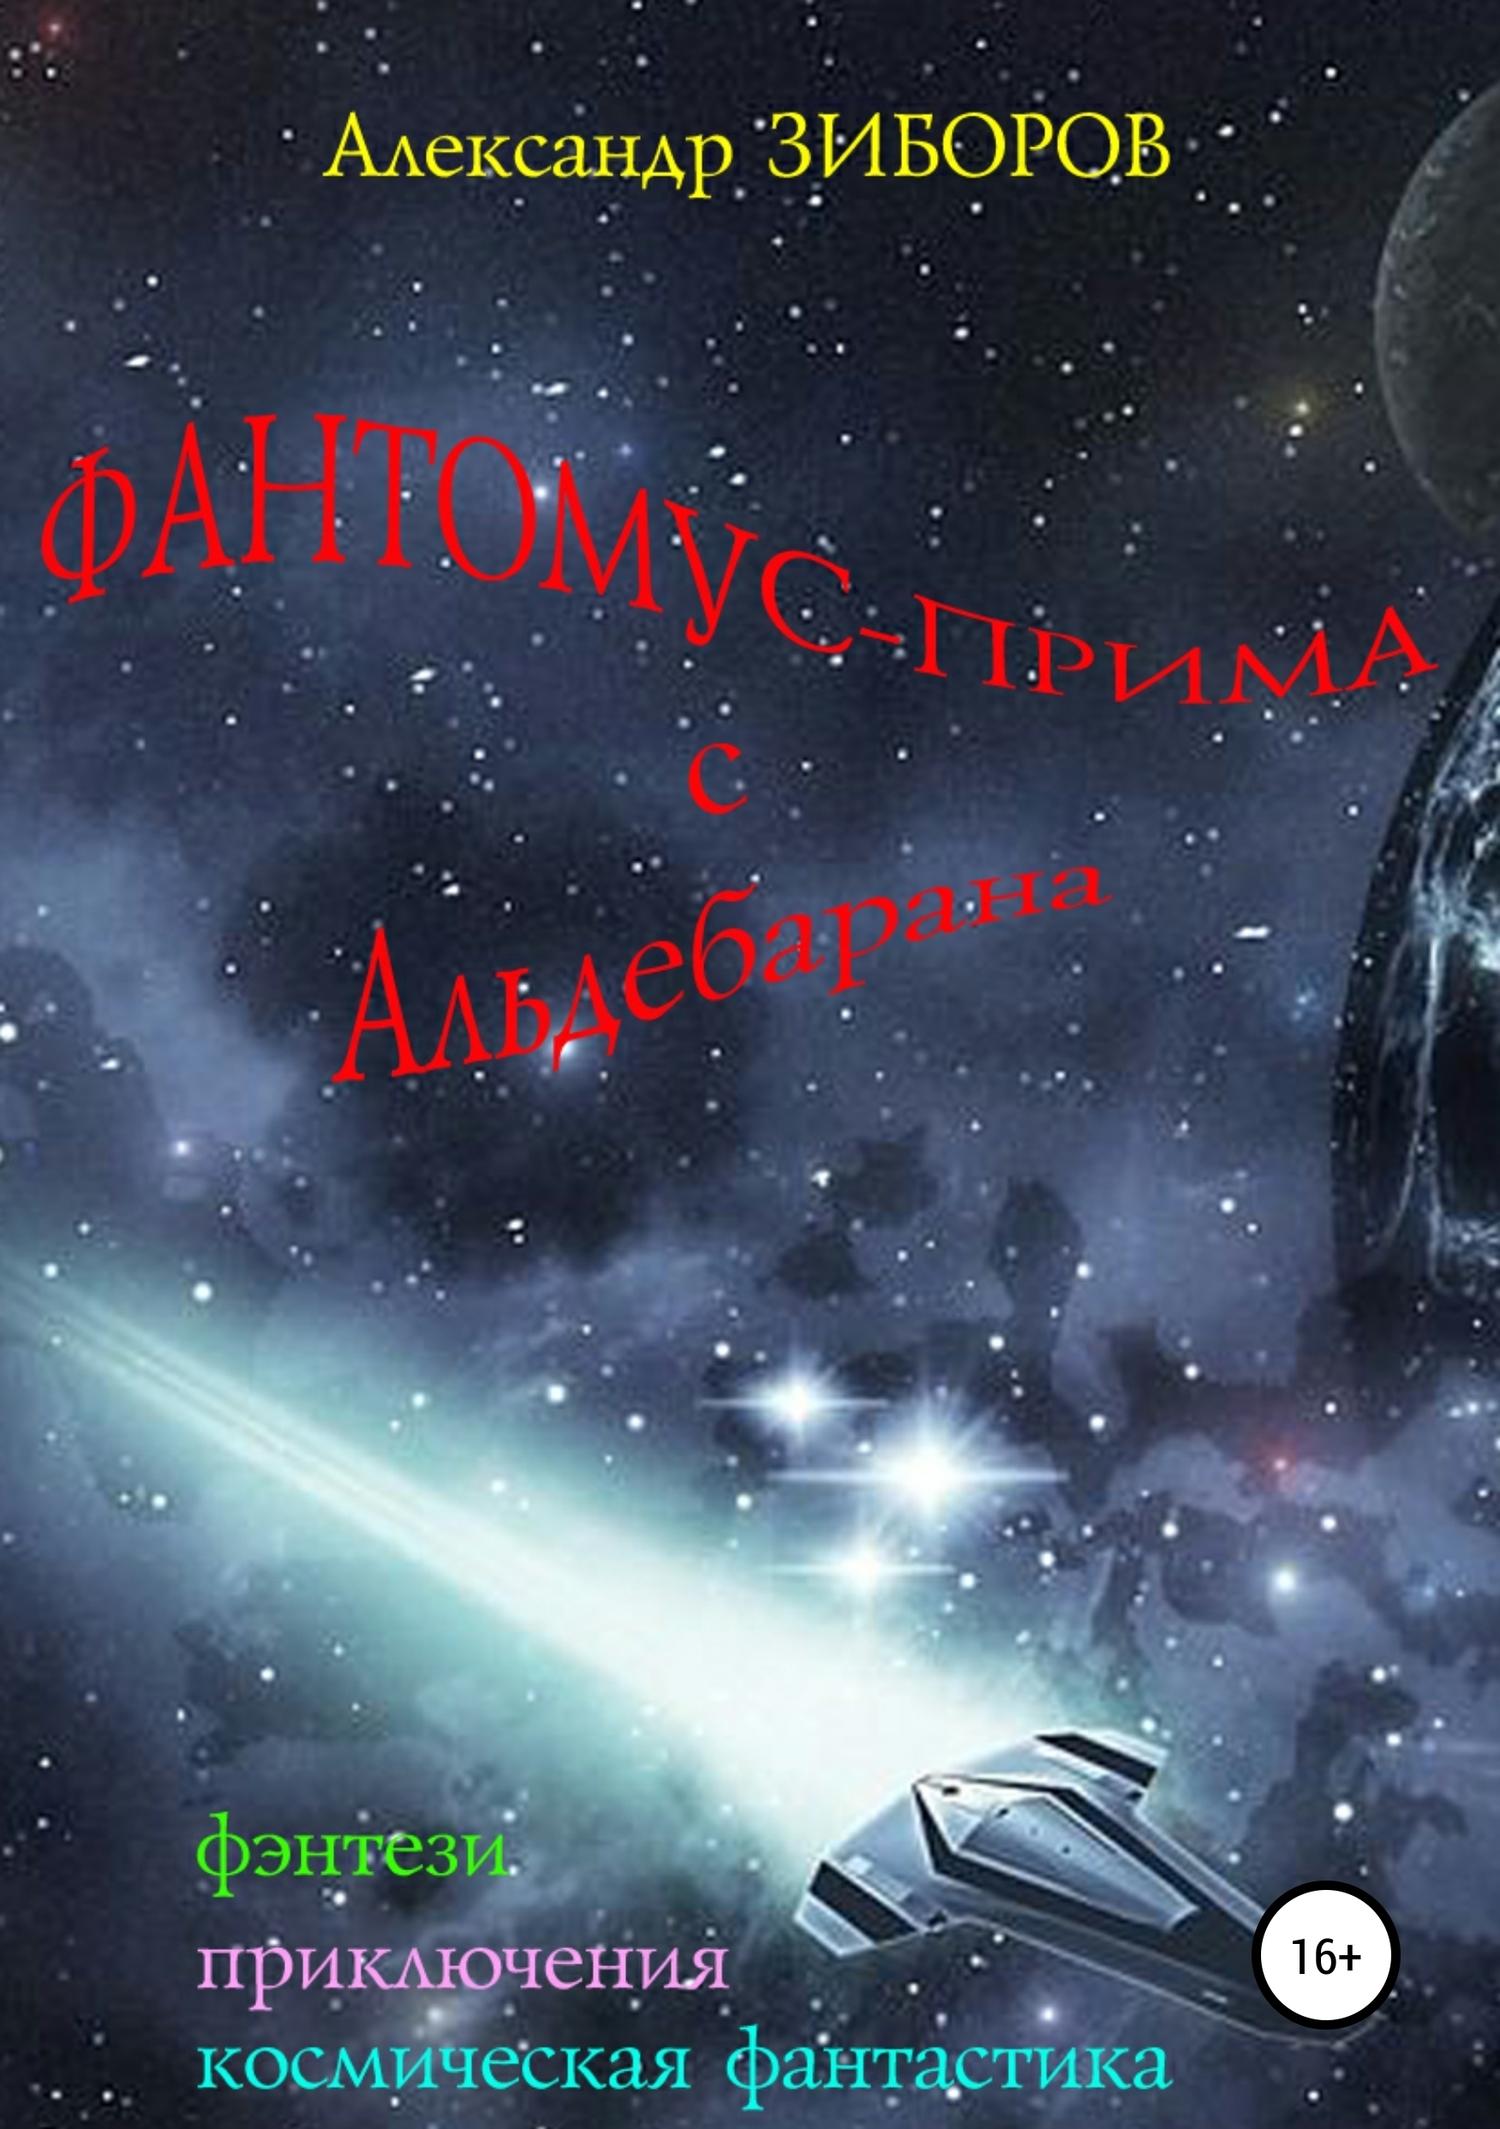 Александр Зиборов - Фантомус-прима с Альдебарана